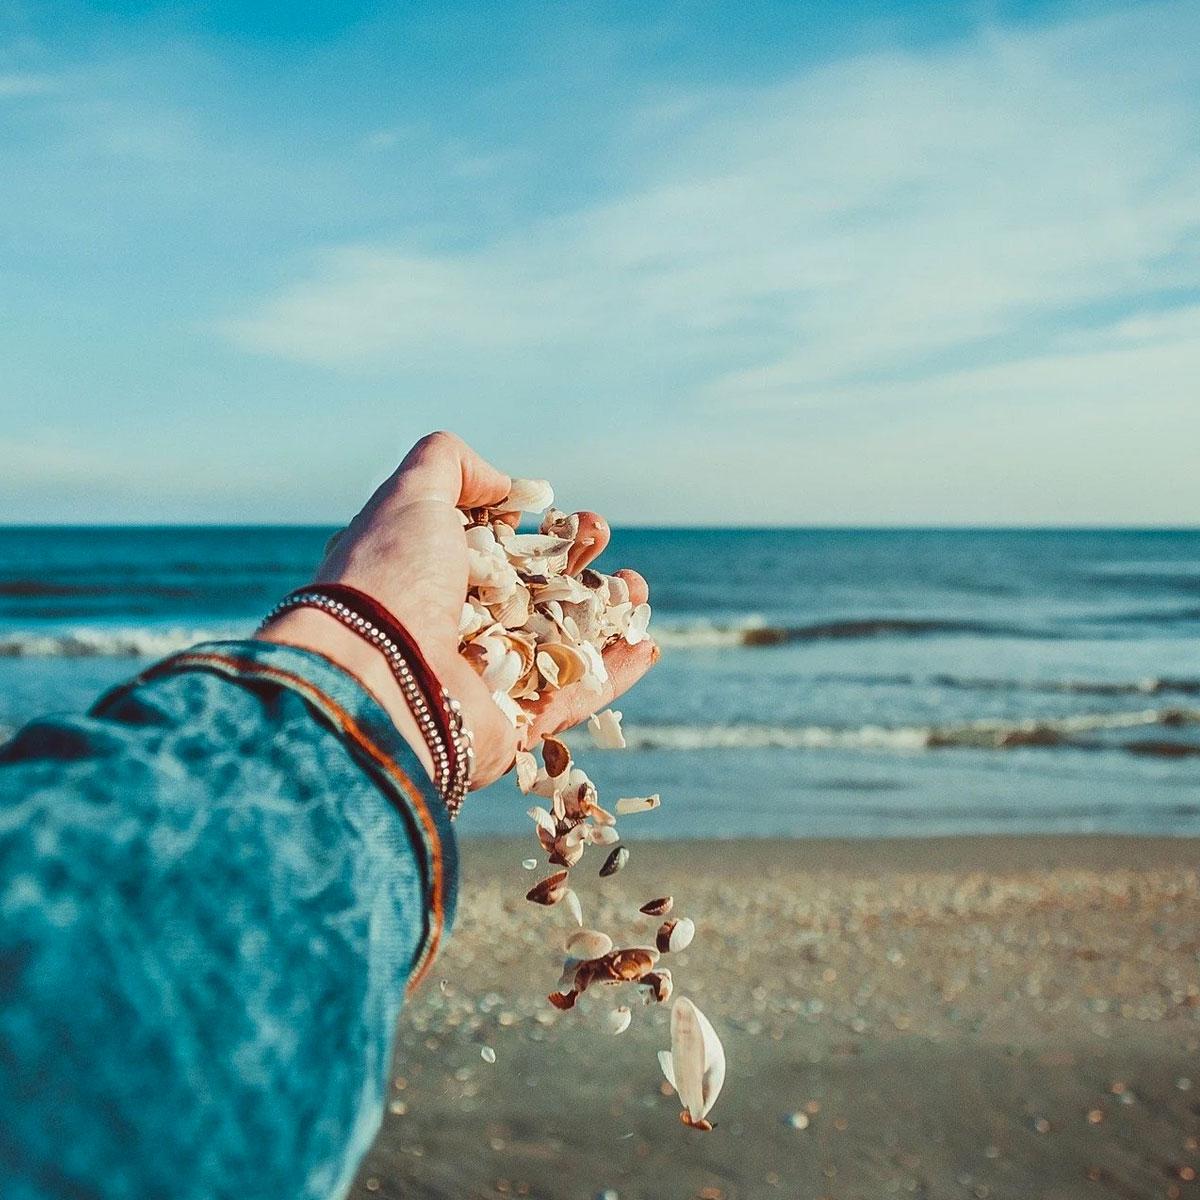 Agua de Mar ¡desintoxica, oxigena, alcaliniza y nutre tu organismo!